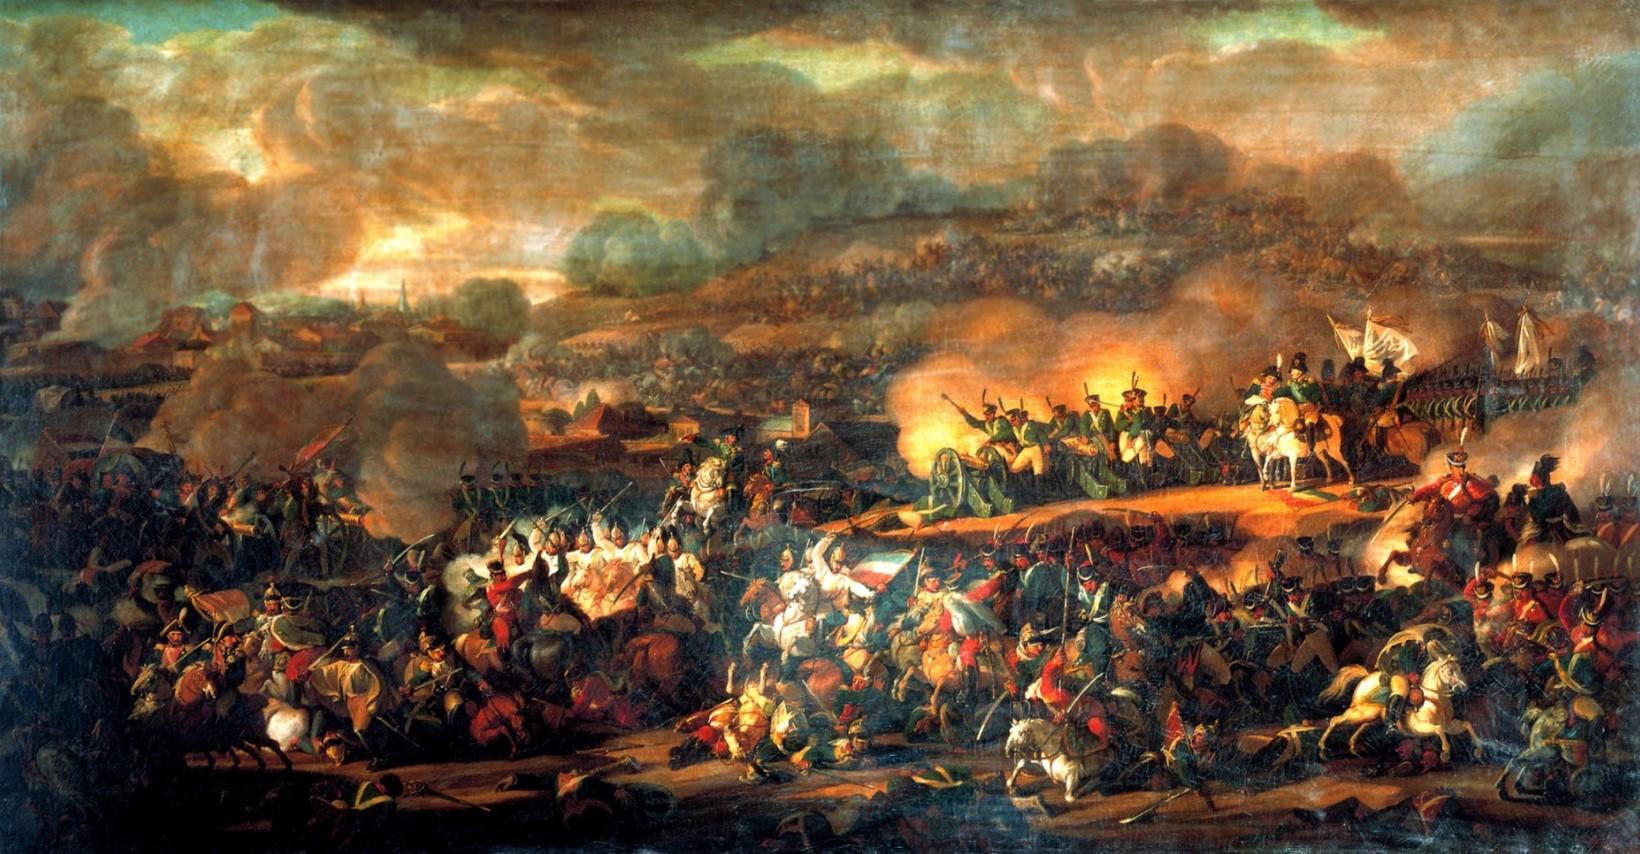 Мошков В.И. Сражение под Лейпцигом. 1815 г. (?) Холст, масло